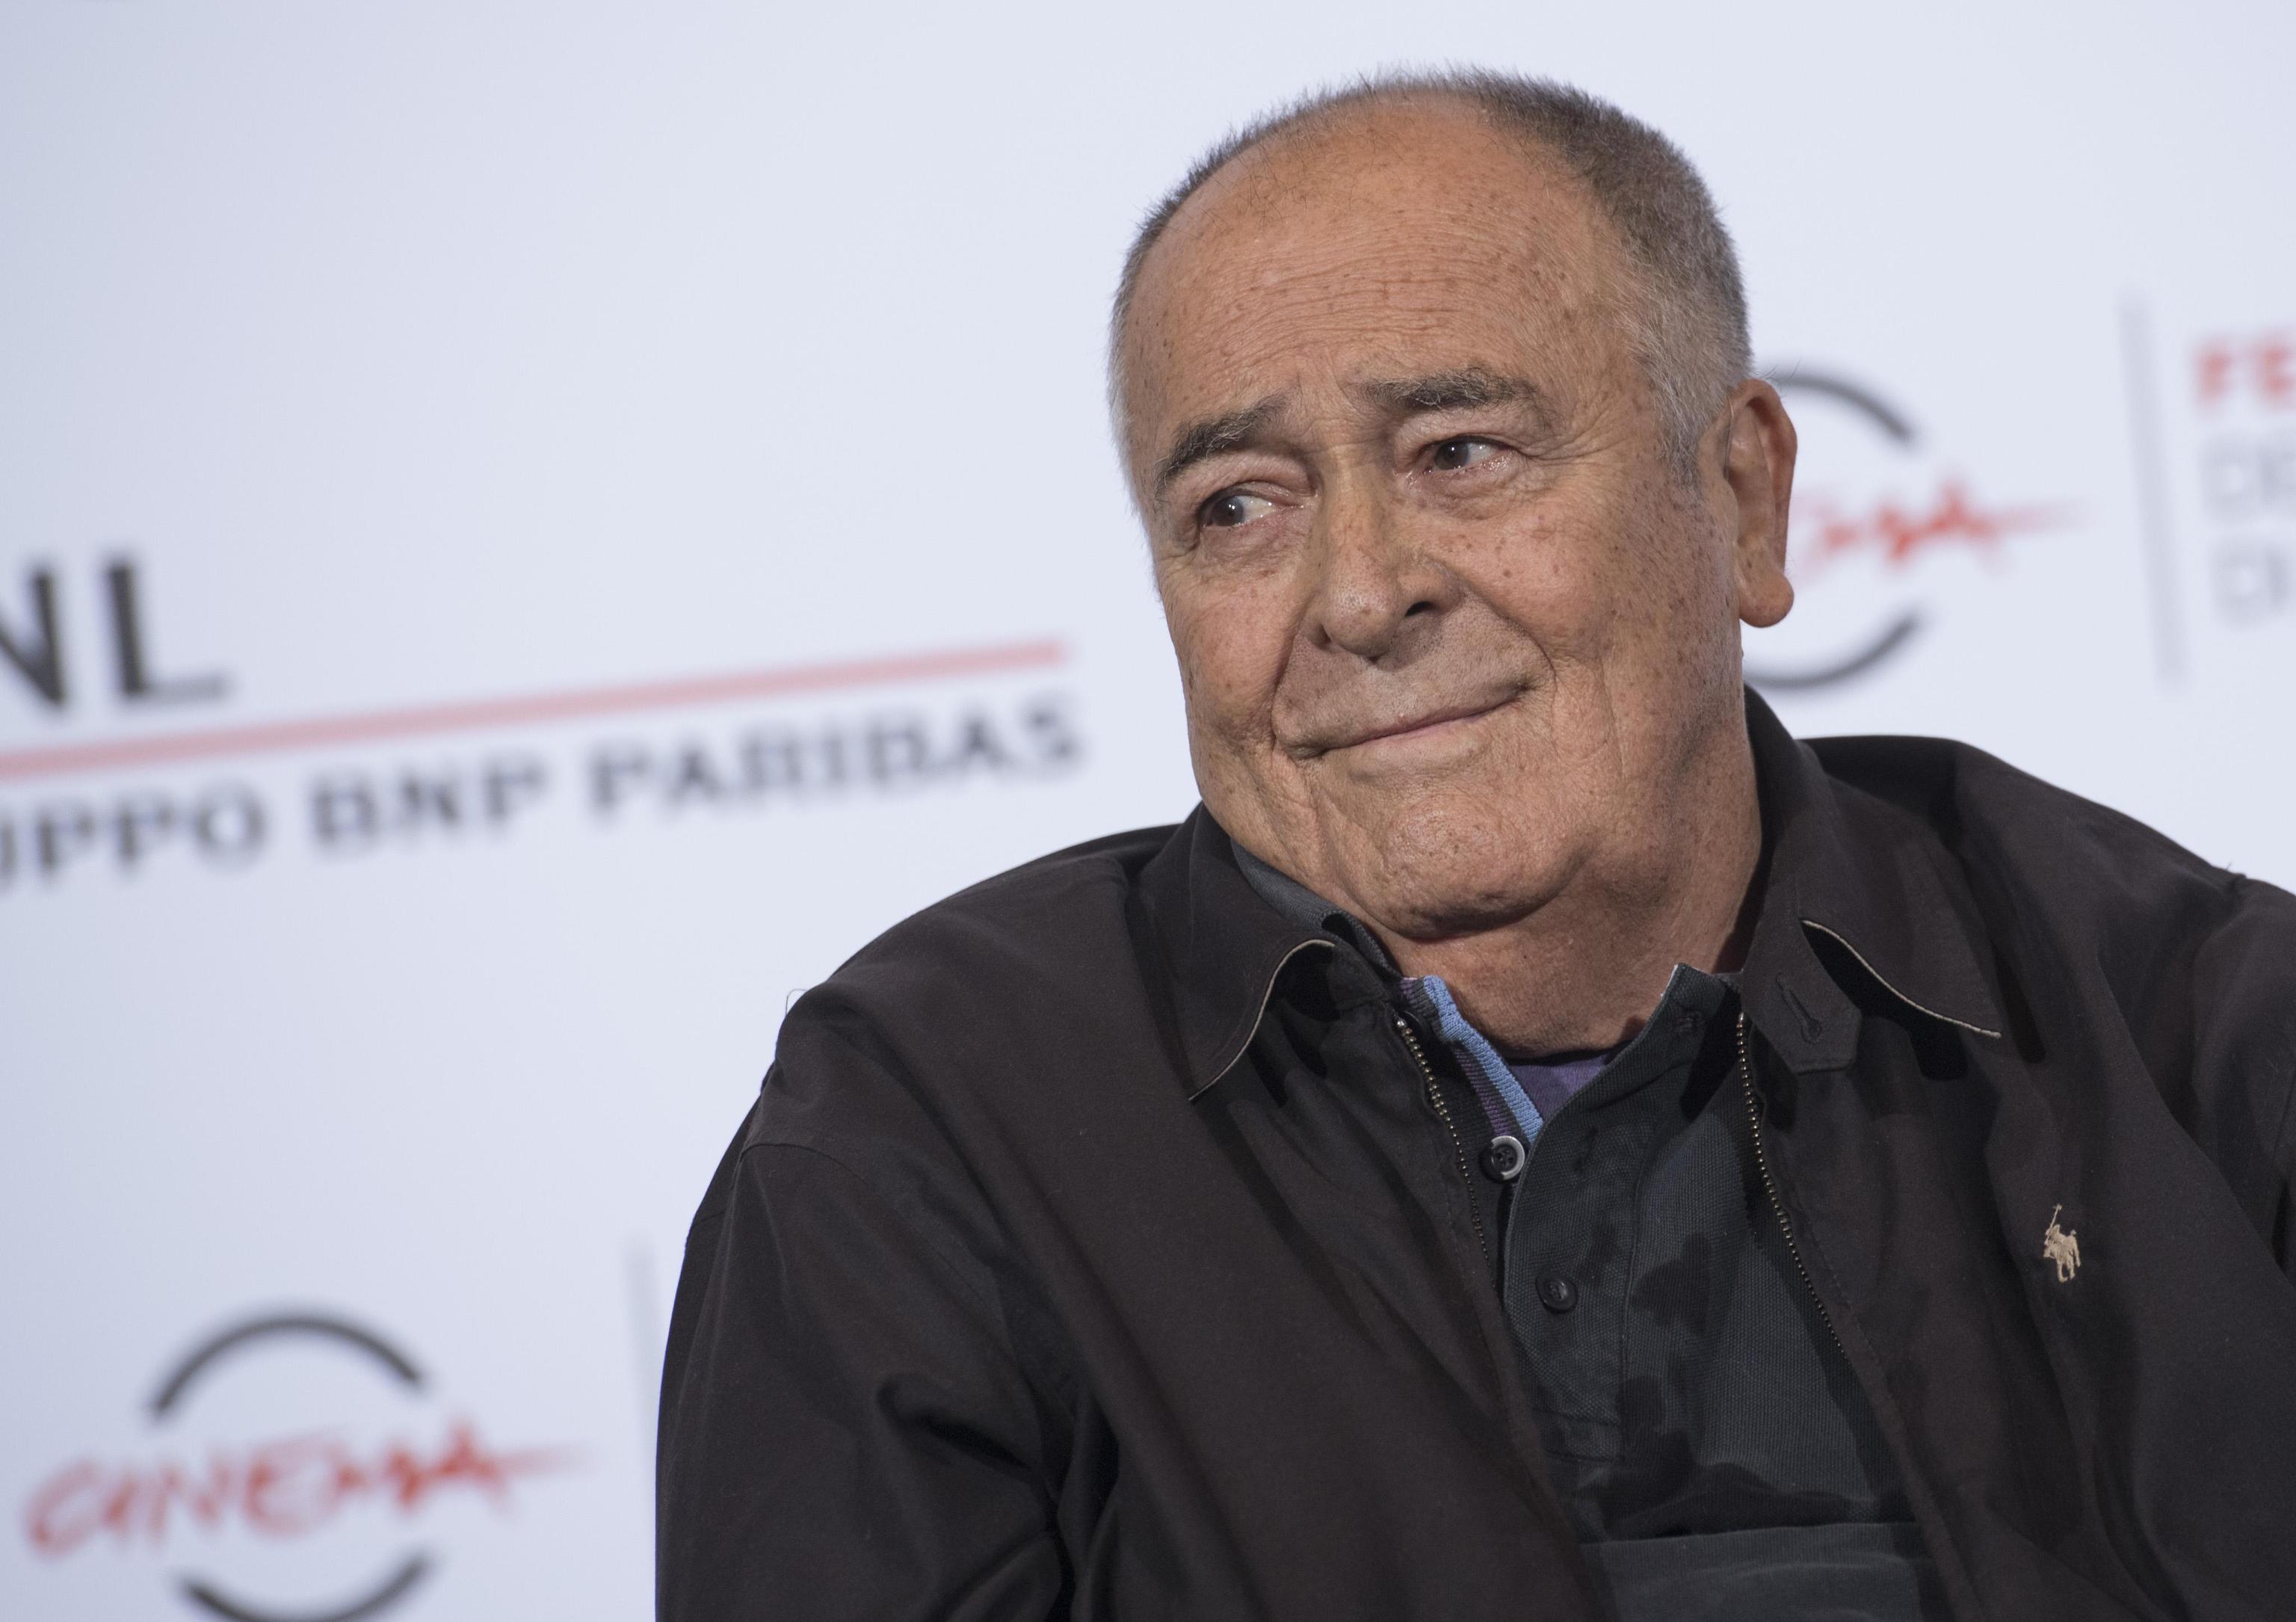 Morto Bernardo Bertolucci: il regista si è spento a Roma a 77 anni